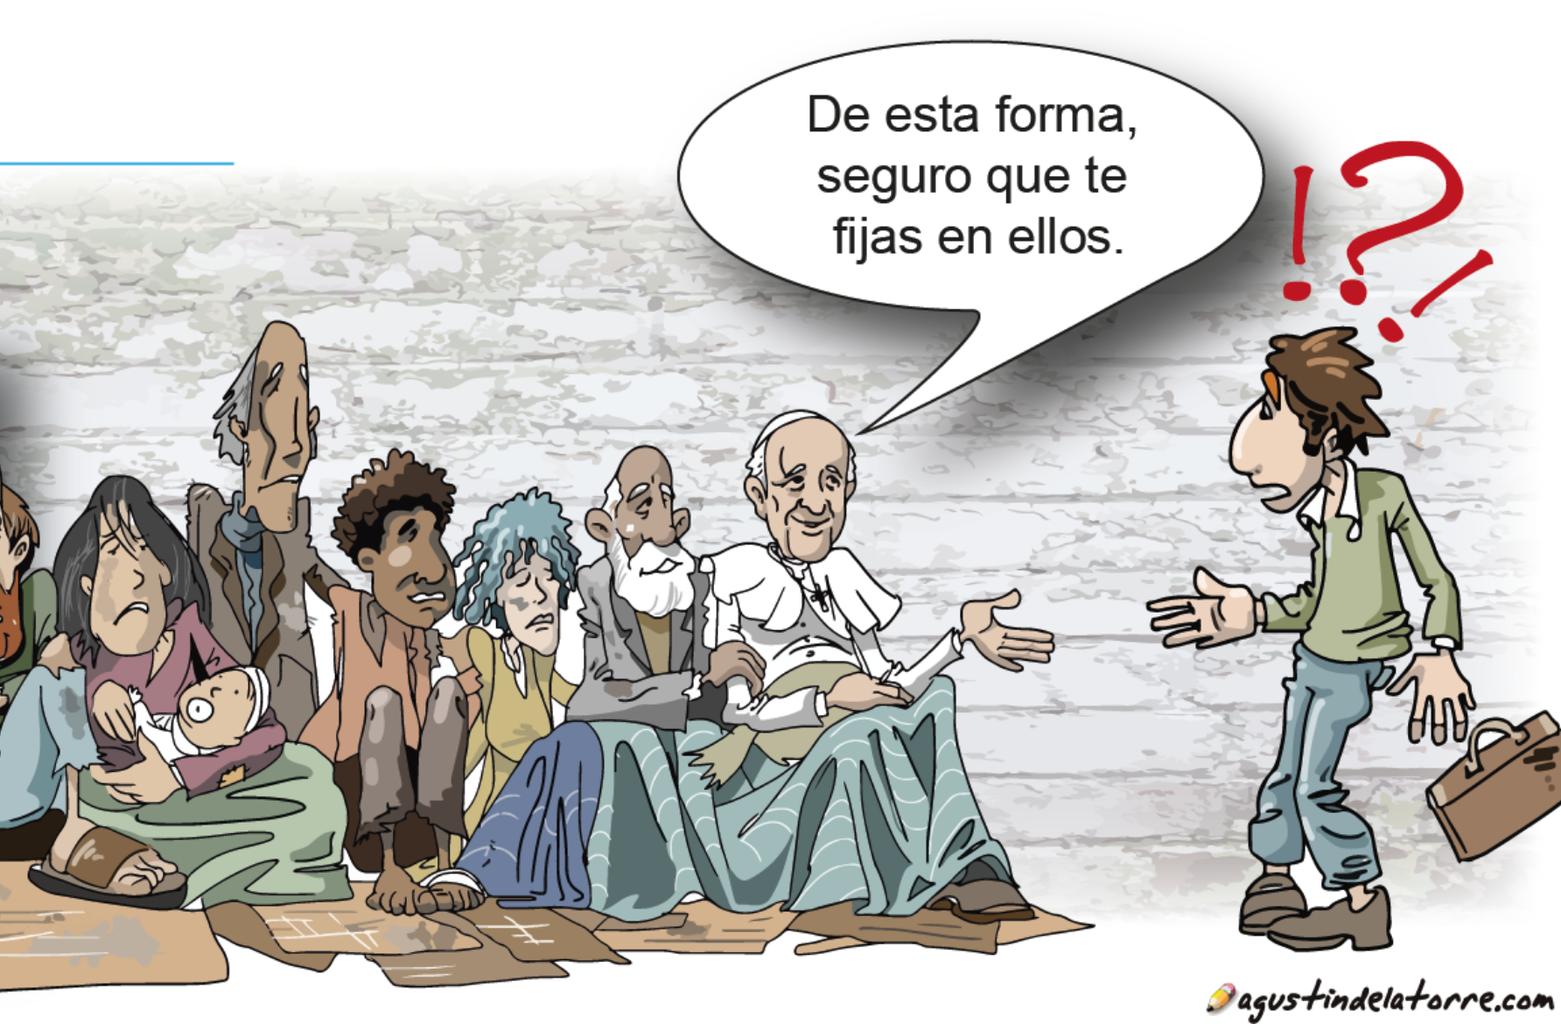 Papa de los pobres